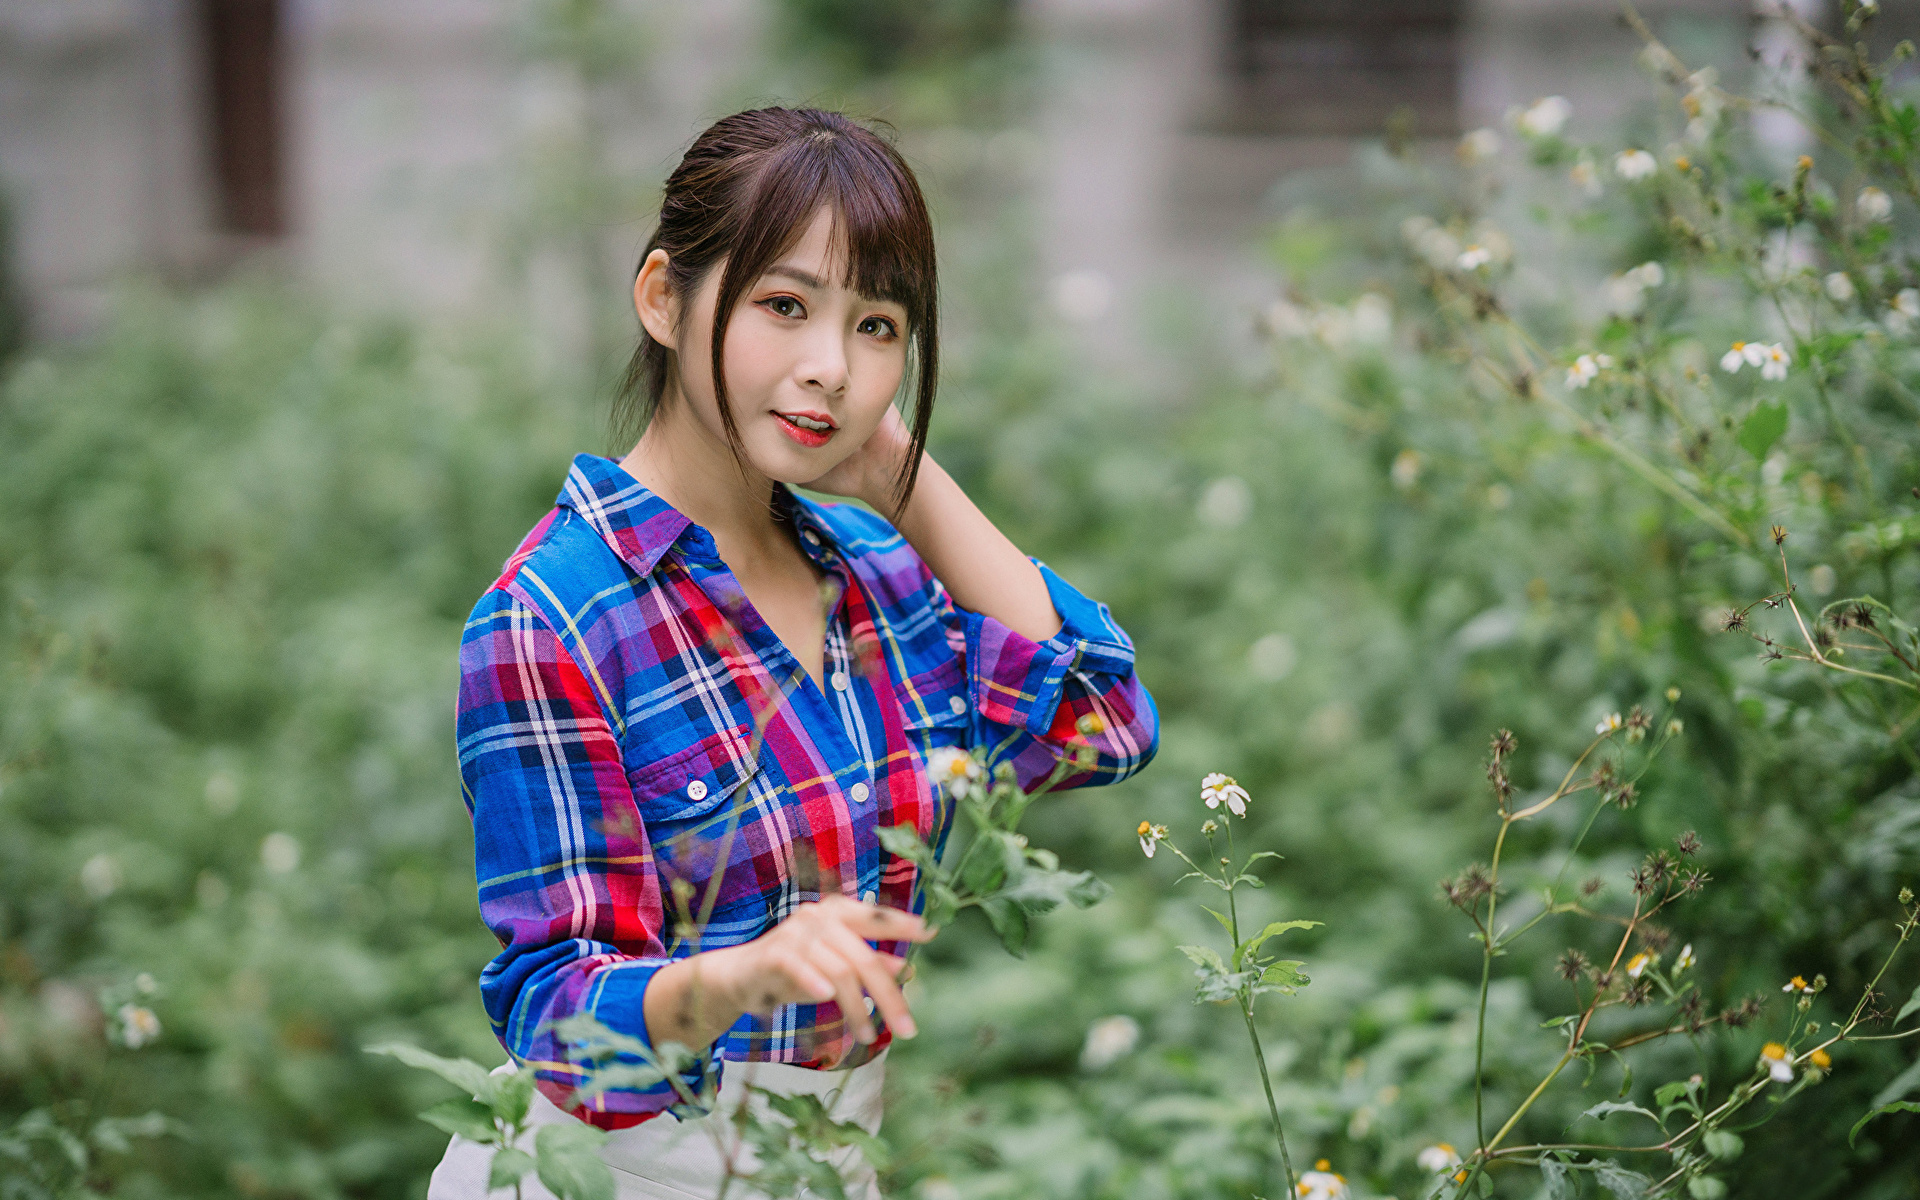 Foto Bokeh Hemd junge frau Asiatische Blick 1920x1200 unscharfer Hintergrund Mädchens junge Frauen Asiaten asiatisches Starren